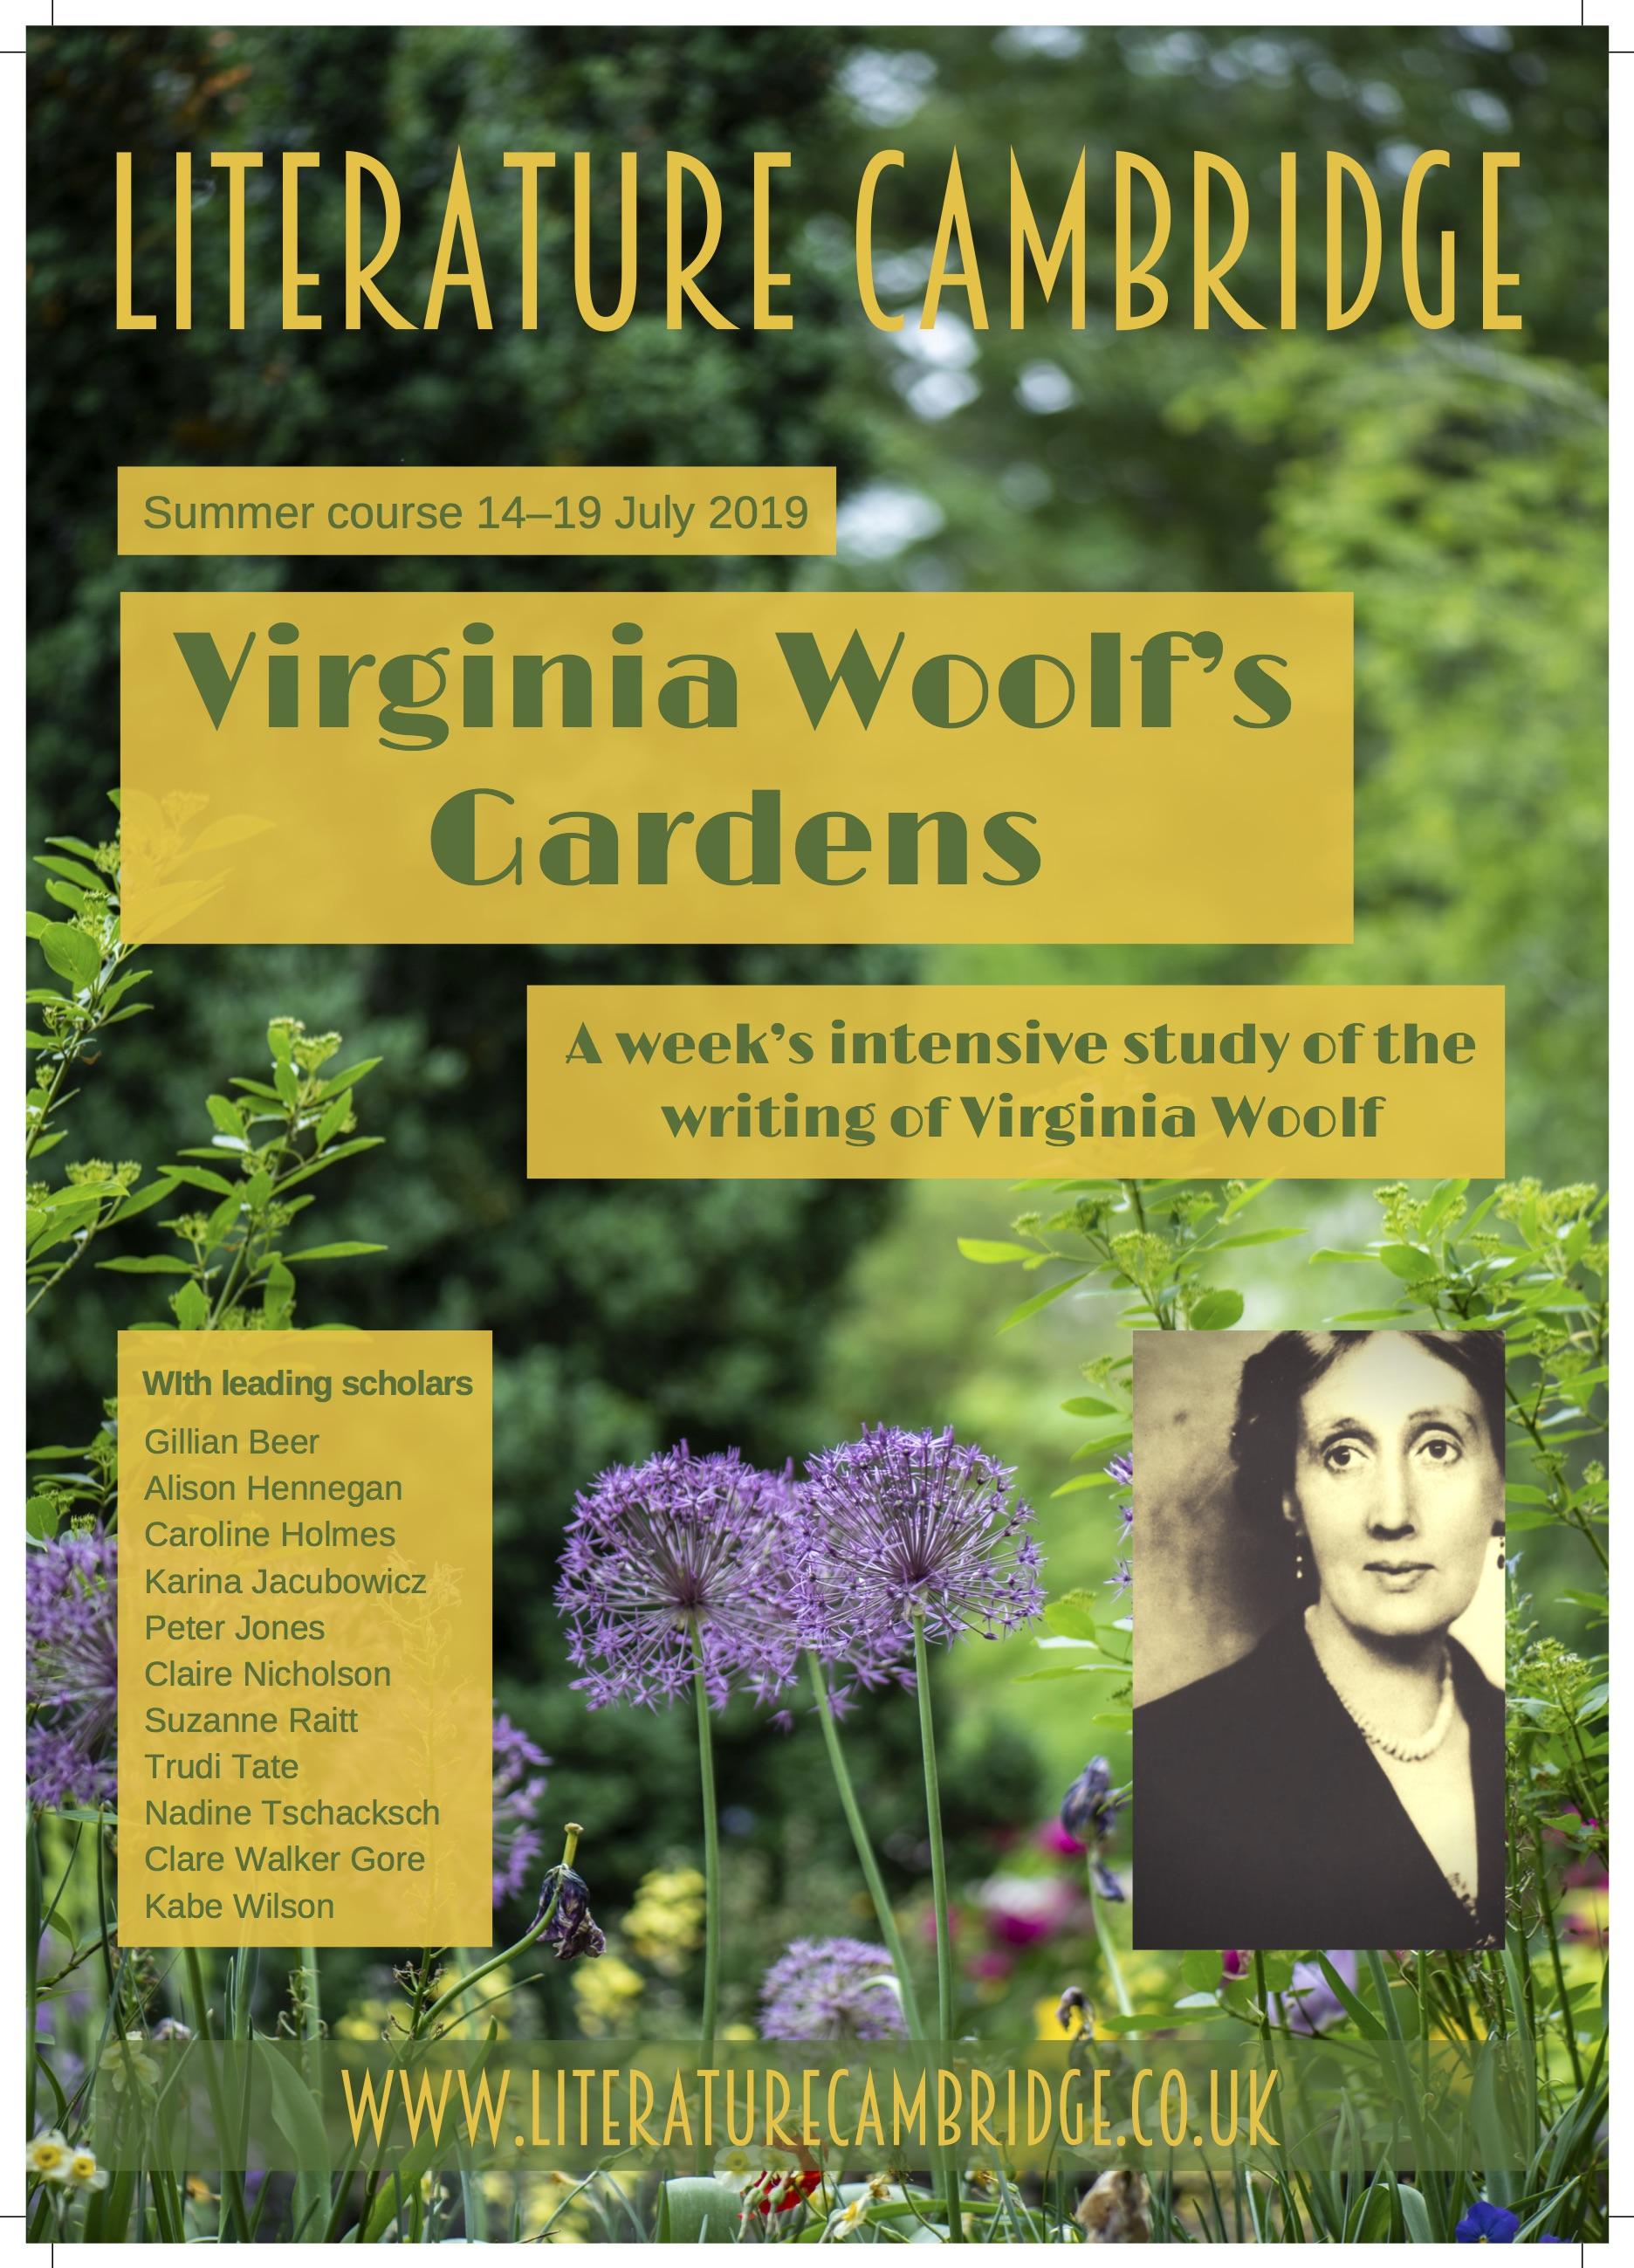 Poster VW Gardens 2019.jpg